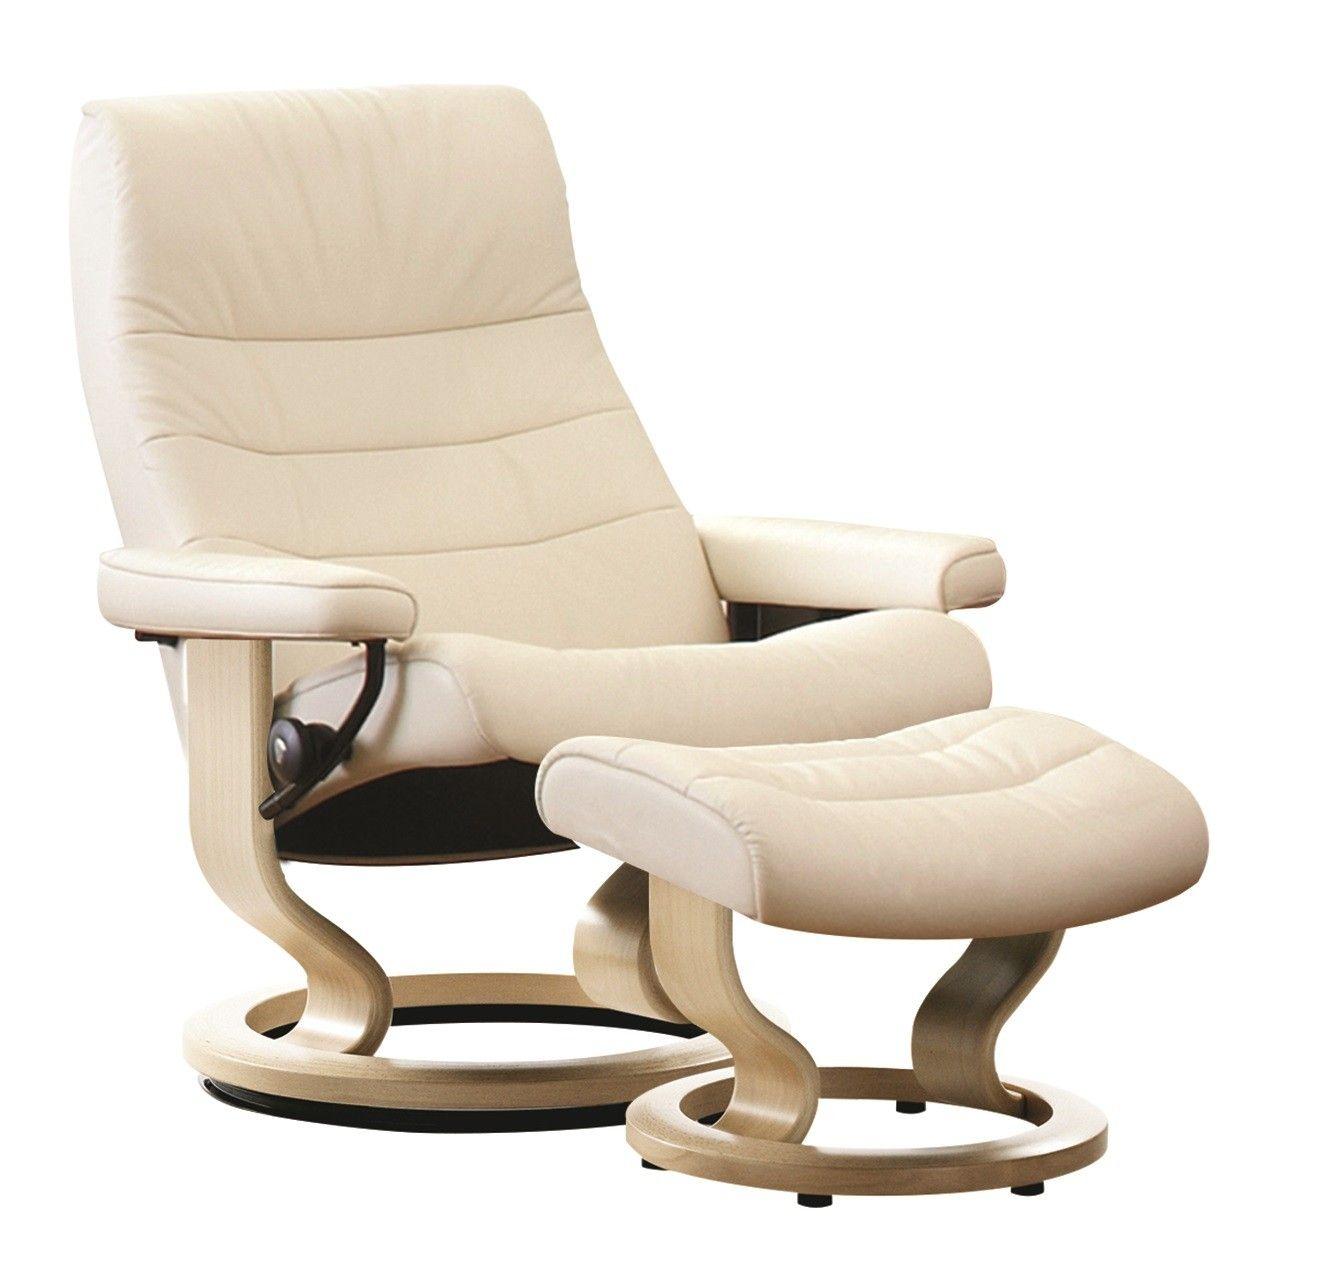 Stressless Opal Medium Recliner Chair and Stool Offer  sc 1 st  Pinterest & Stressless Opal Medium Recliner Chair and Stool Offer | 2nd ... islam-shia.org